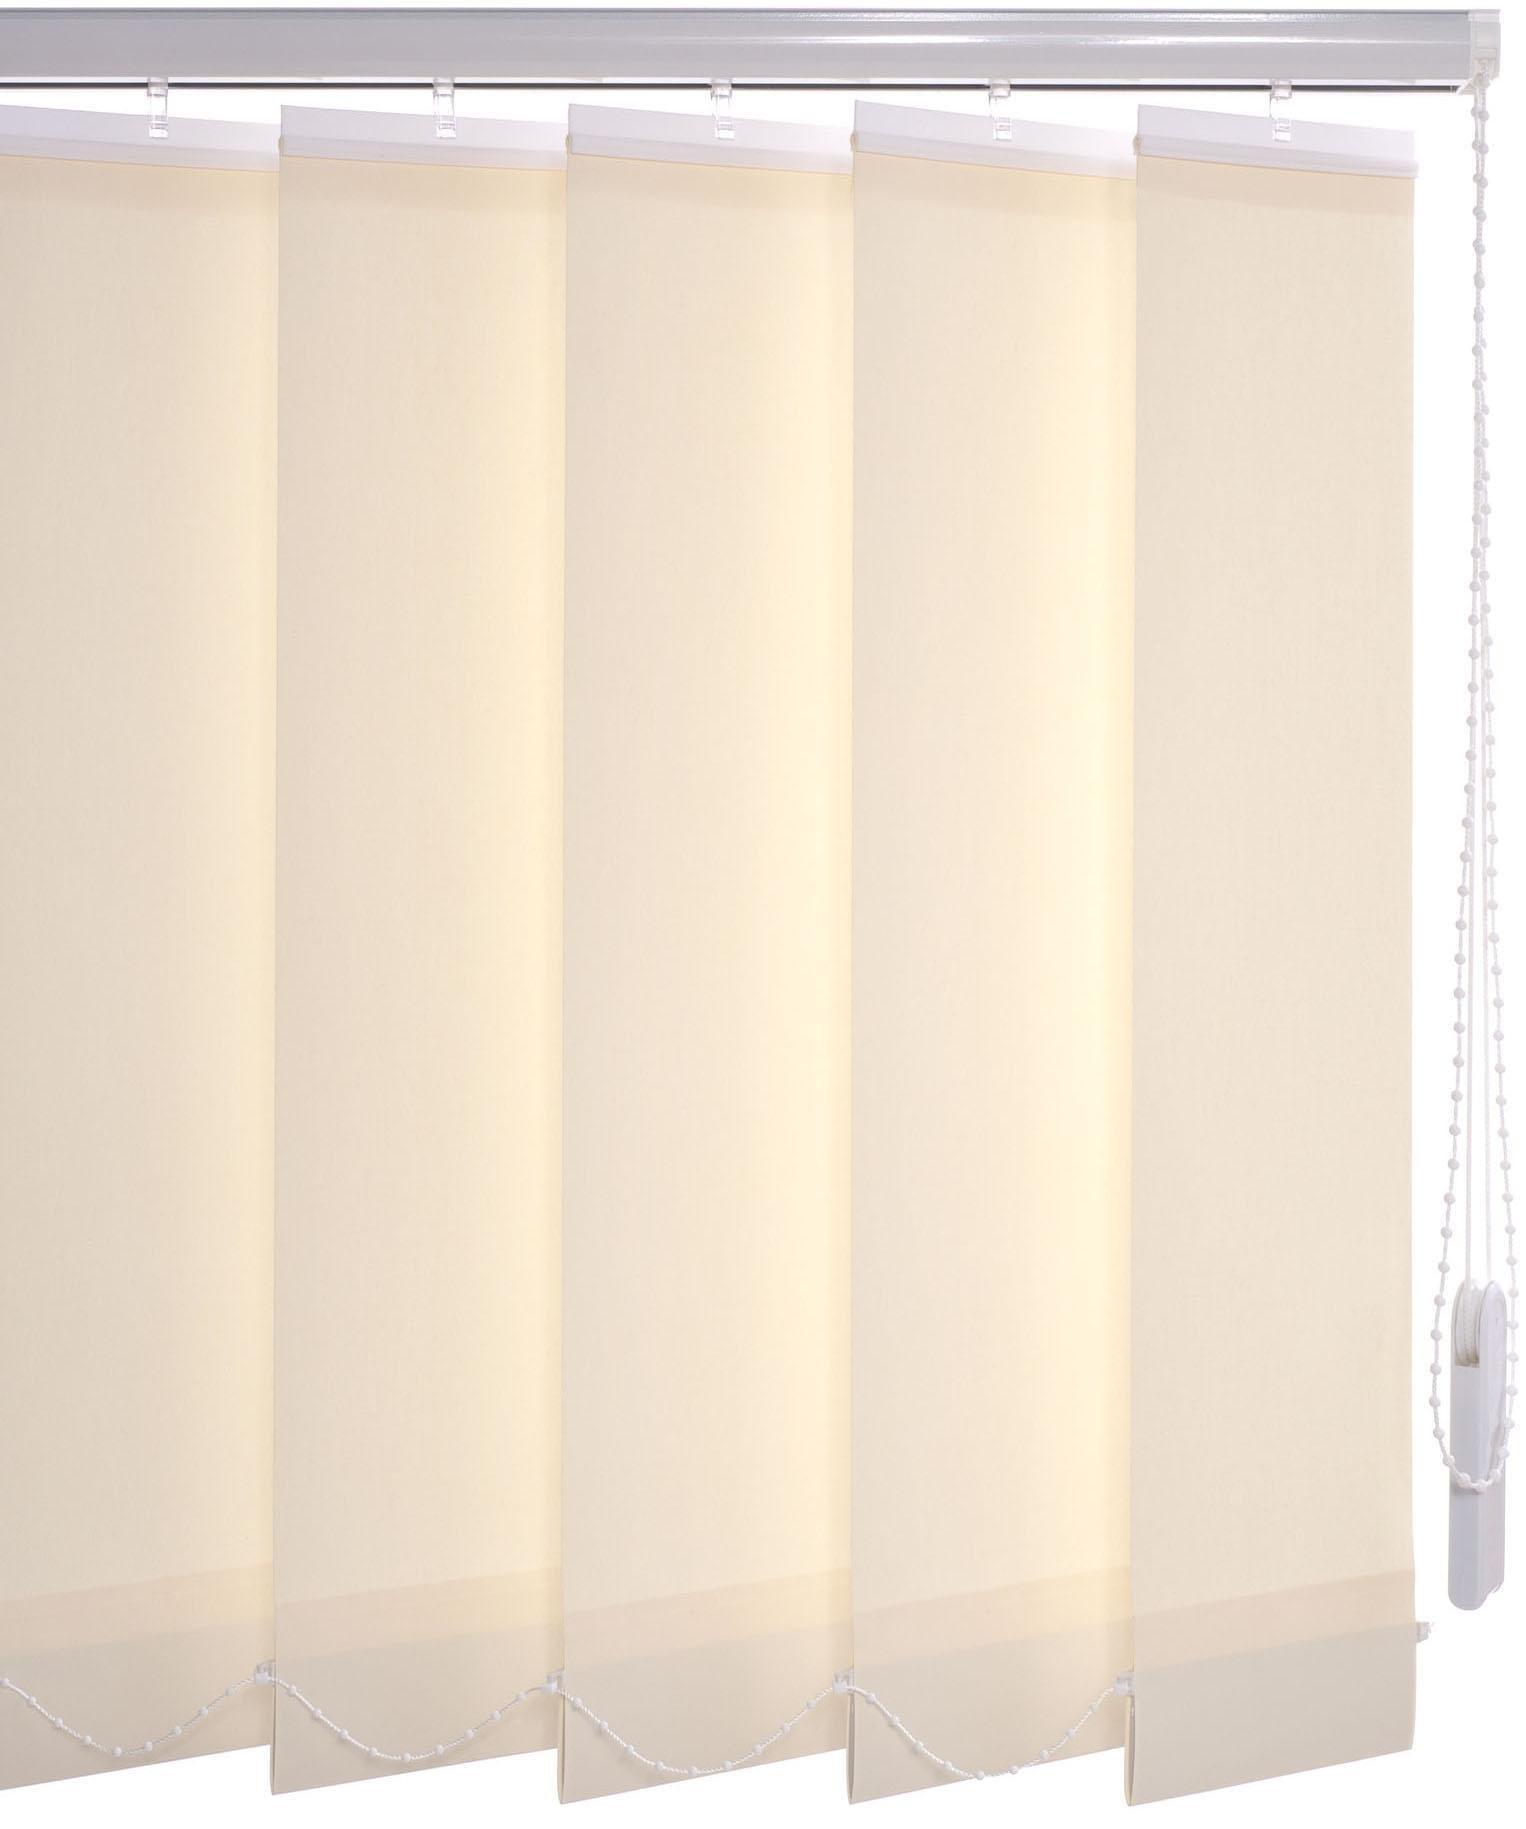 Liedeco Lamellengordijn Verticaal gordijn 127 mm (1 stuk) nu online kopen bij OTTO